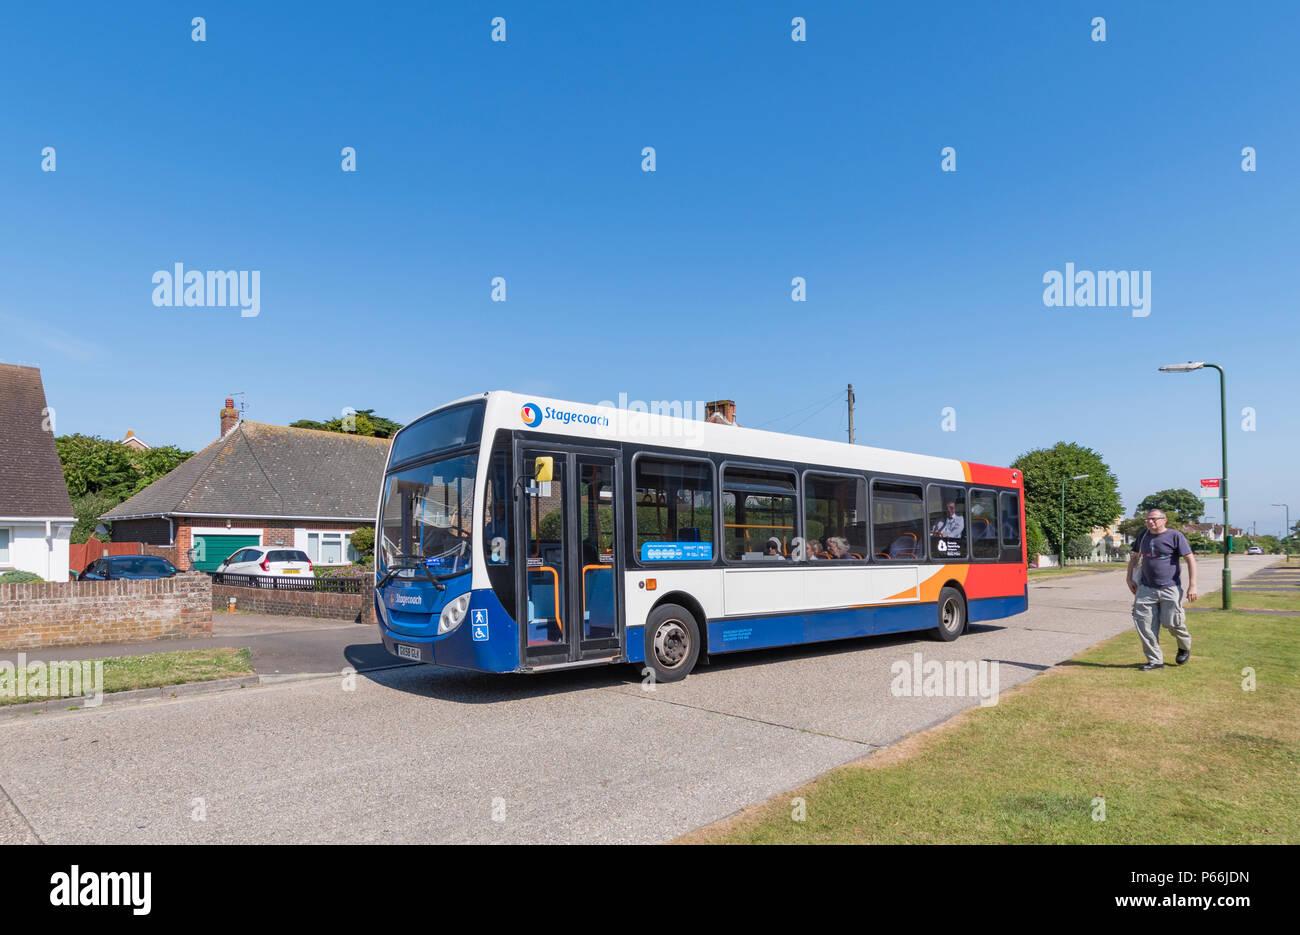 Nummer 9 Stagecoach Single Deck Bus in einem Wohngebiet in Rustington, West Sussex, England, UK. Stockfoto